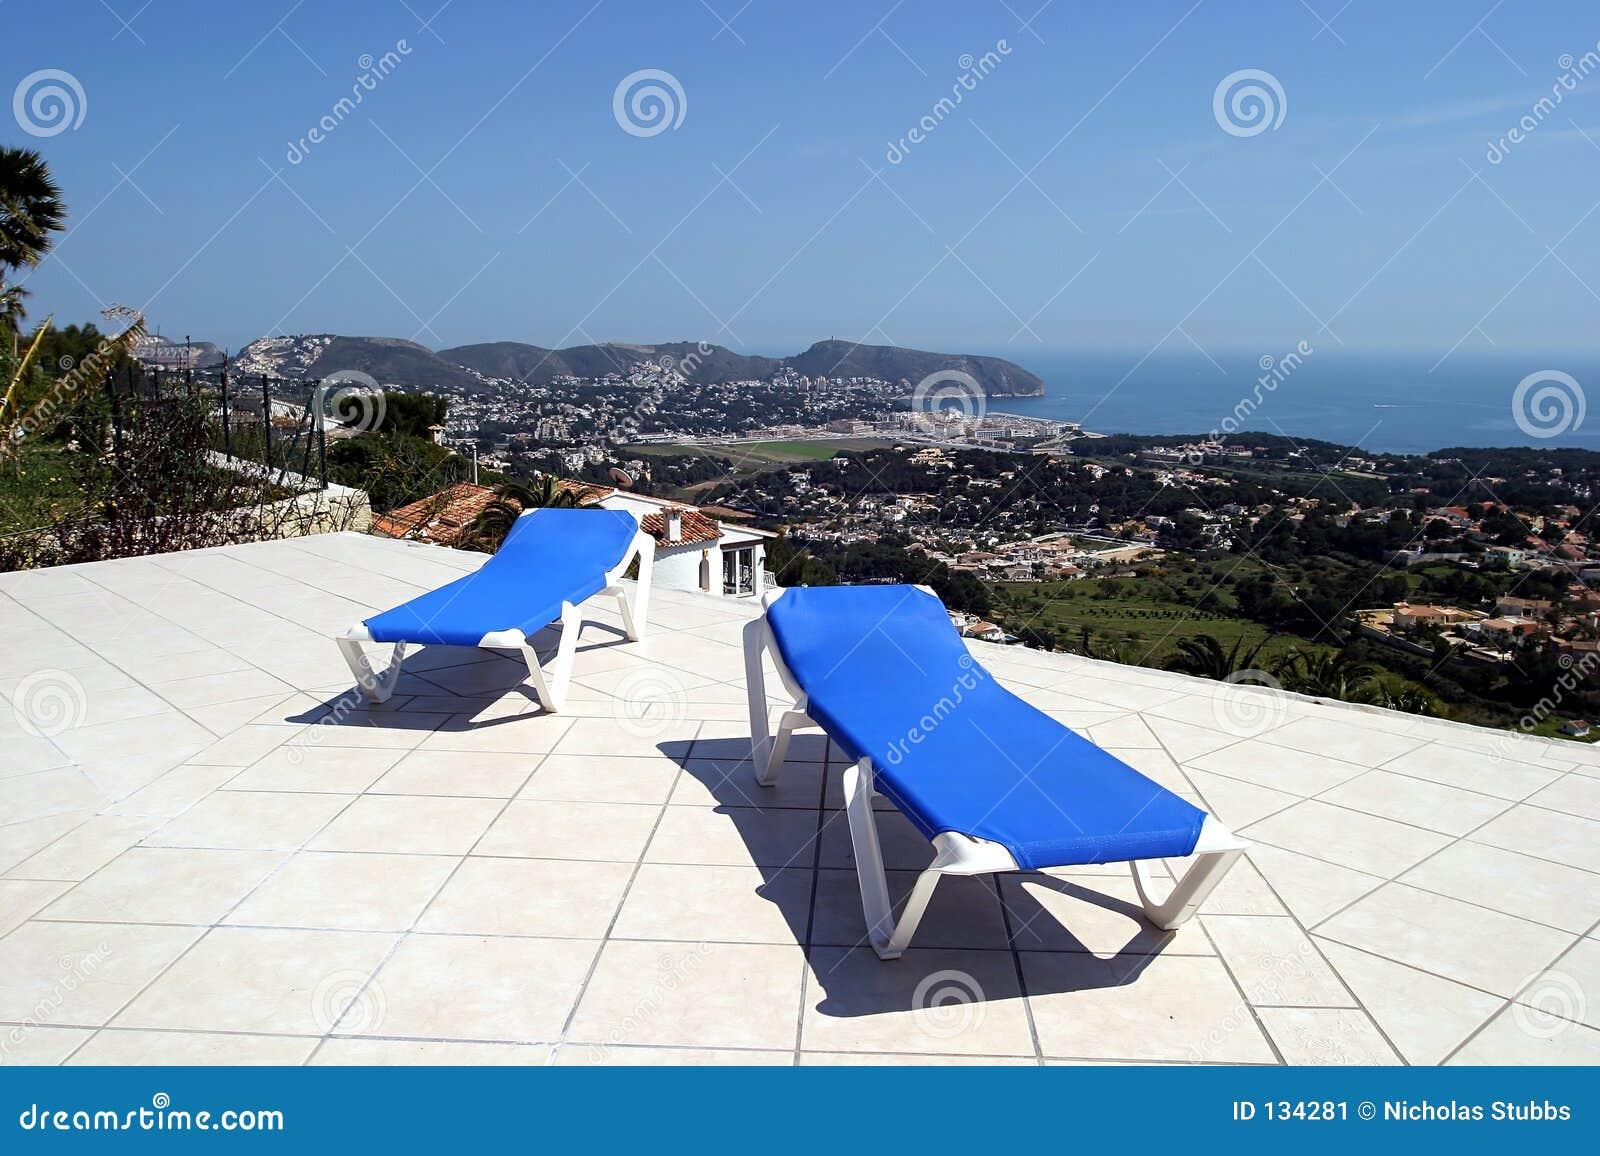 Twee blauwe sunbeds op terras in de zon met verbazende meningen van de oceaan